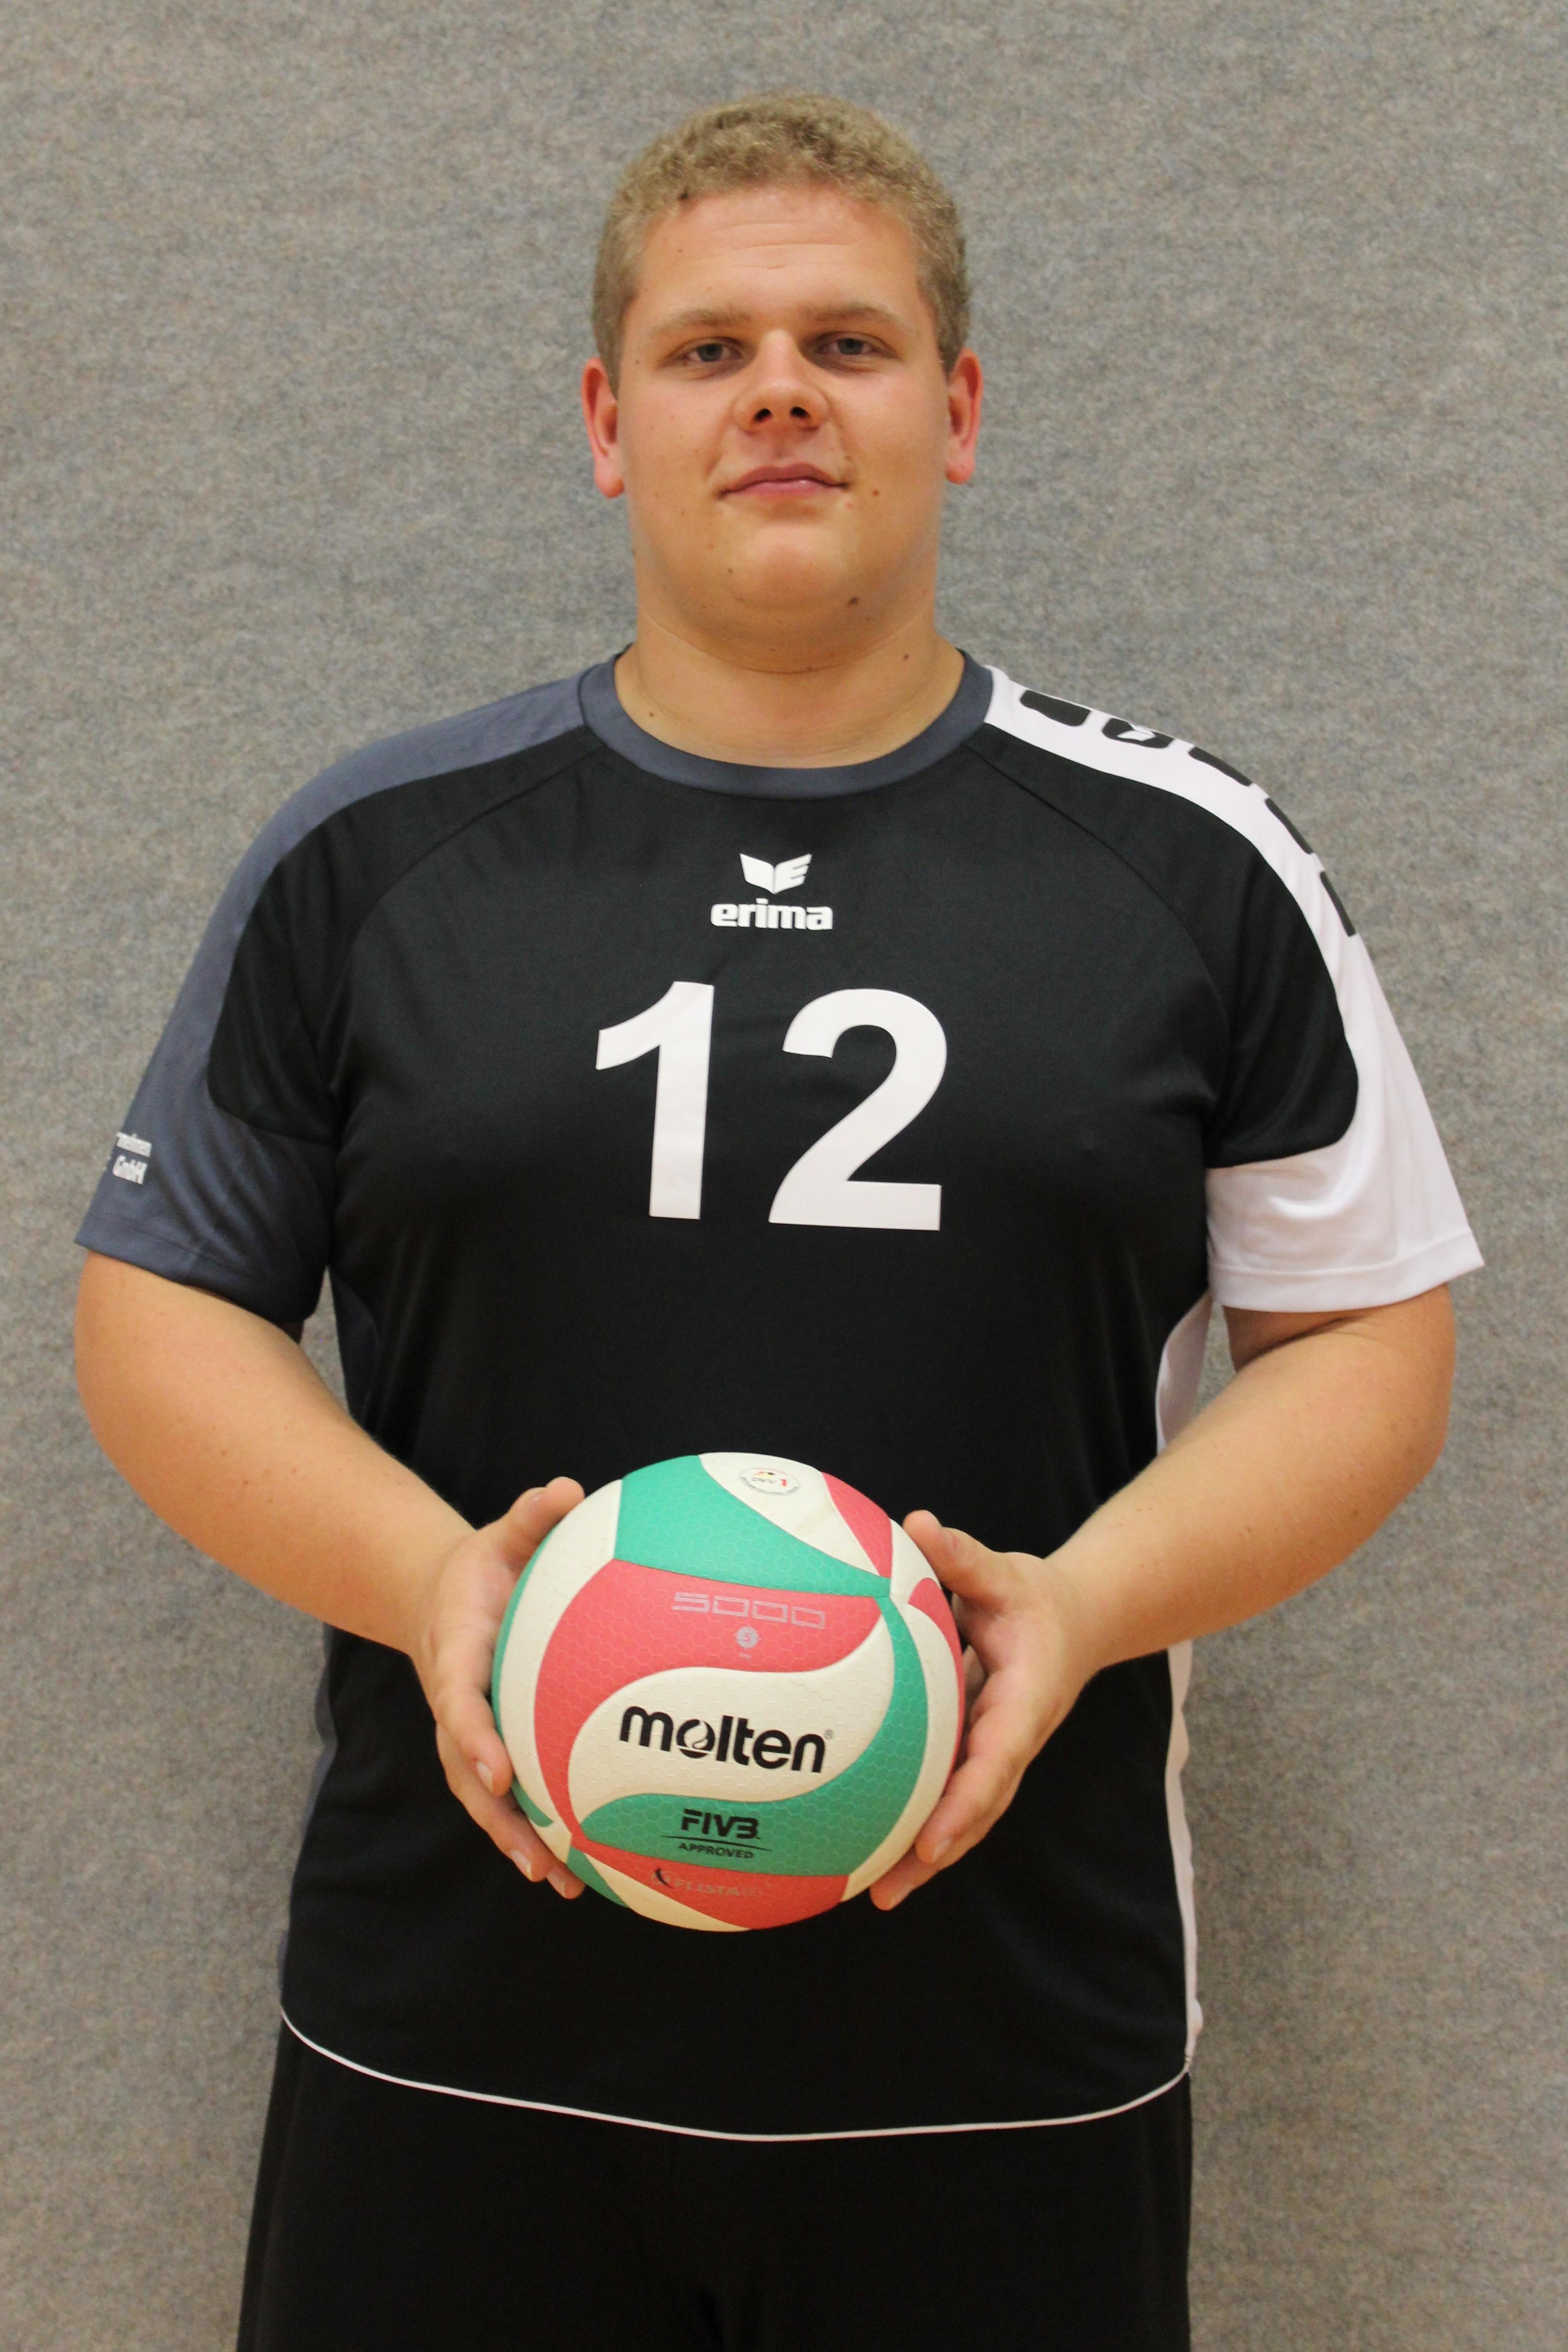 Martin Schmidt Trikotummer: 12 Position: Zuspiel Größe: